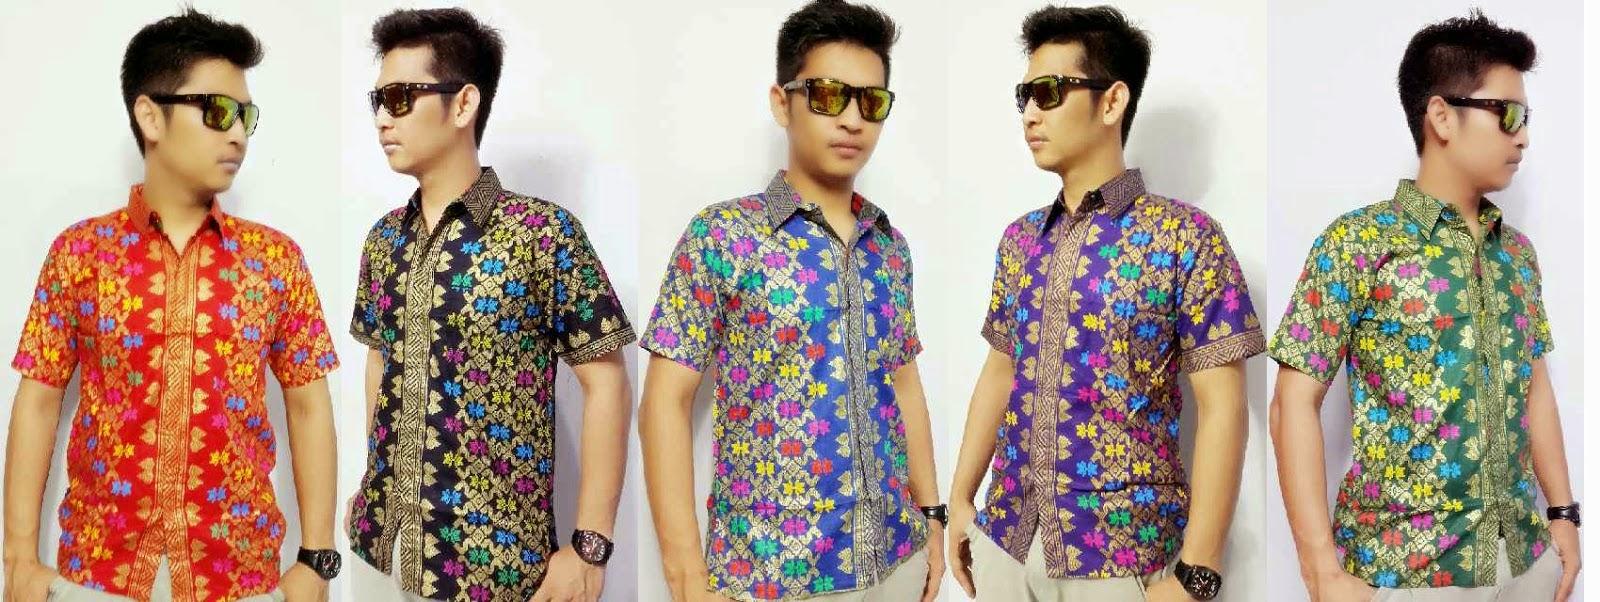 30 Model Baju Batik Artis Terbaru Untuk Kerja Dan Ke